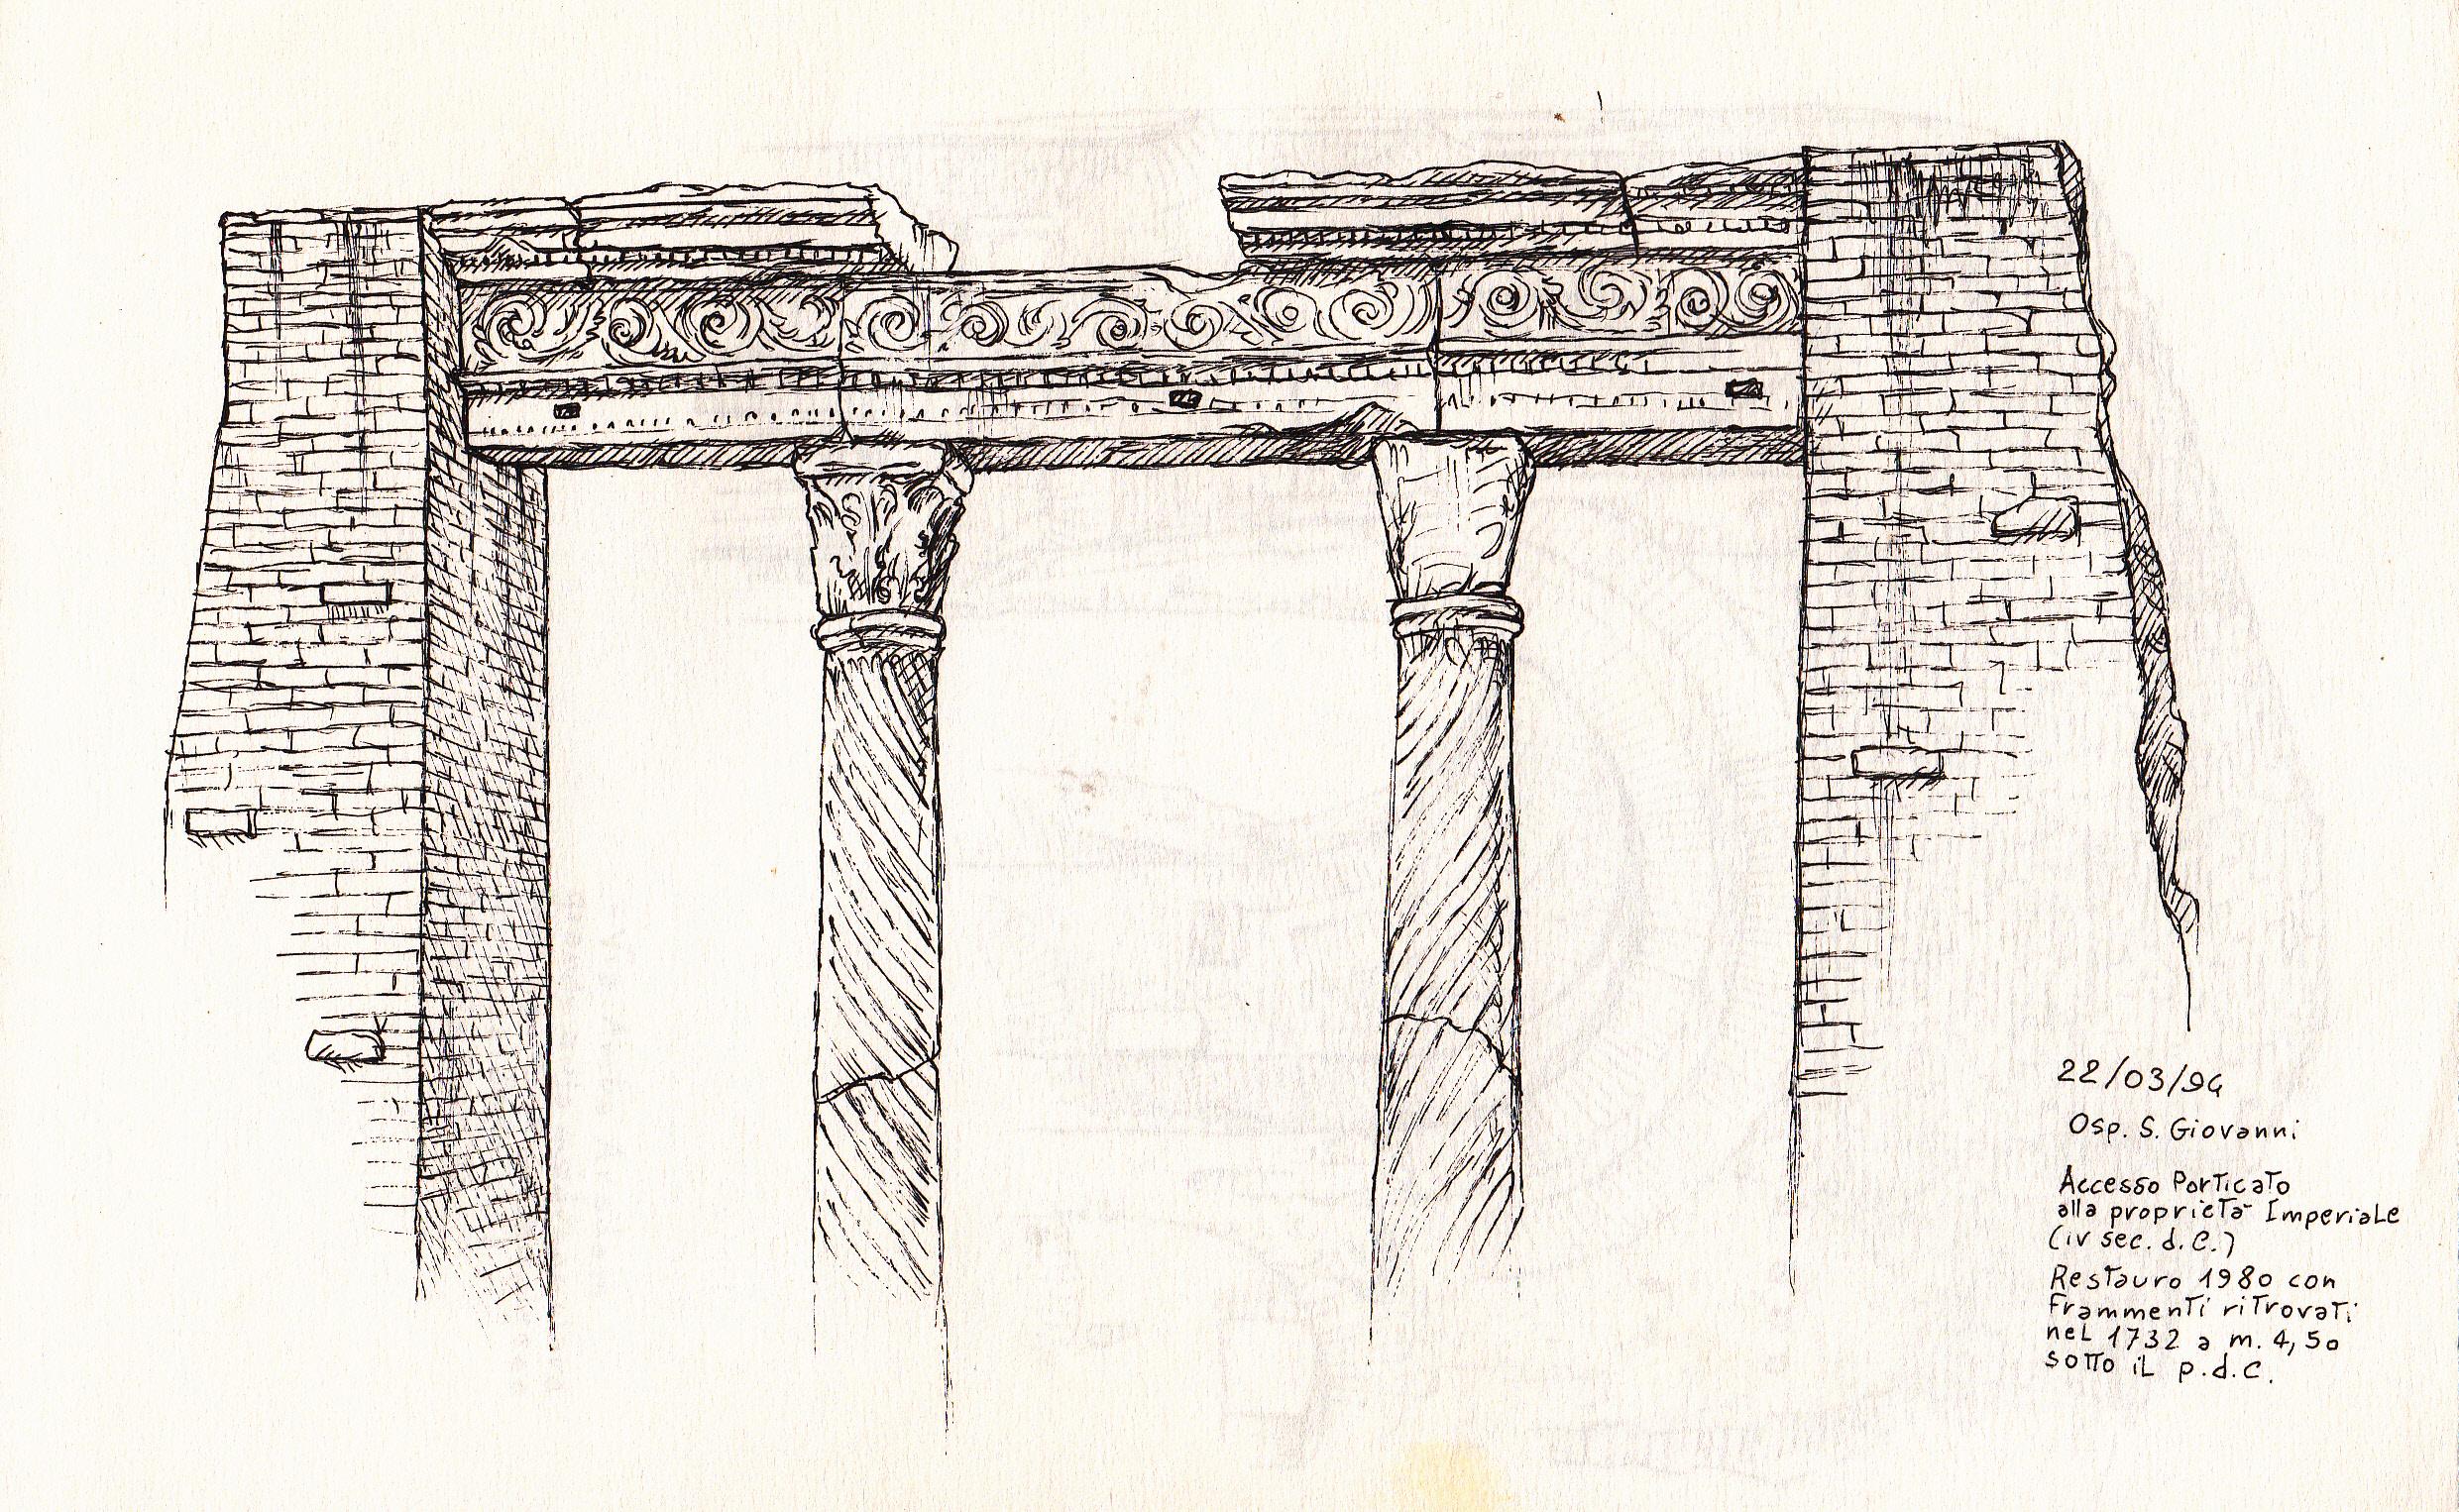 le mie ANTICHITA ROMANE appunti schizzi e disegni dallarea romanolaziale  Longa est vita